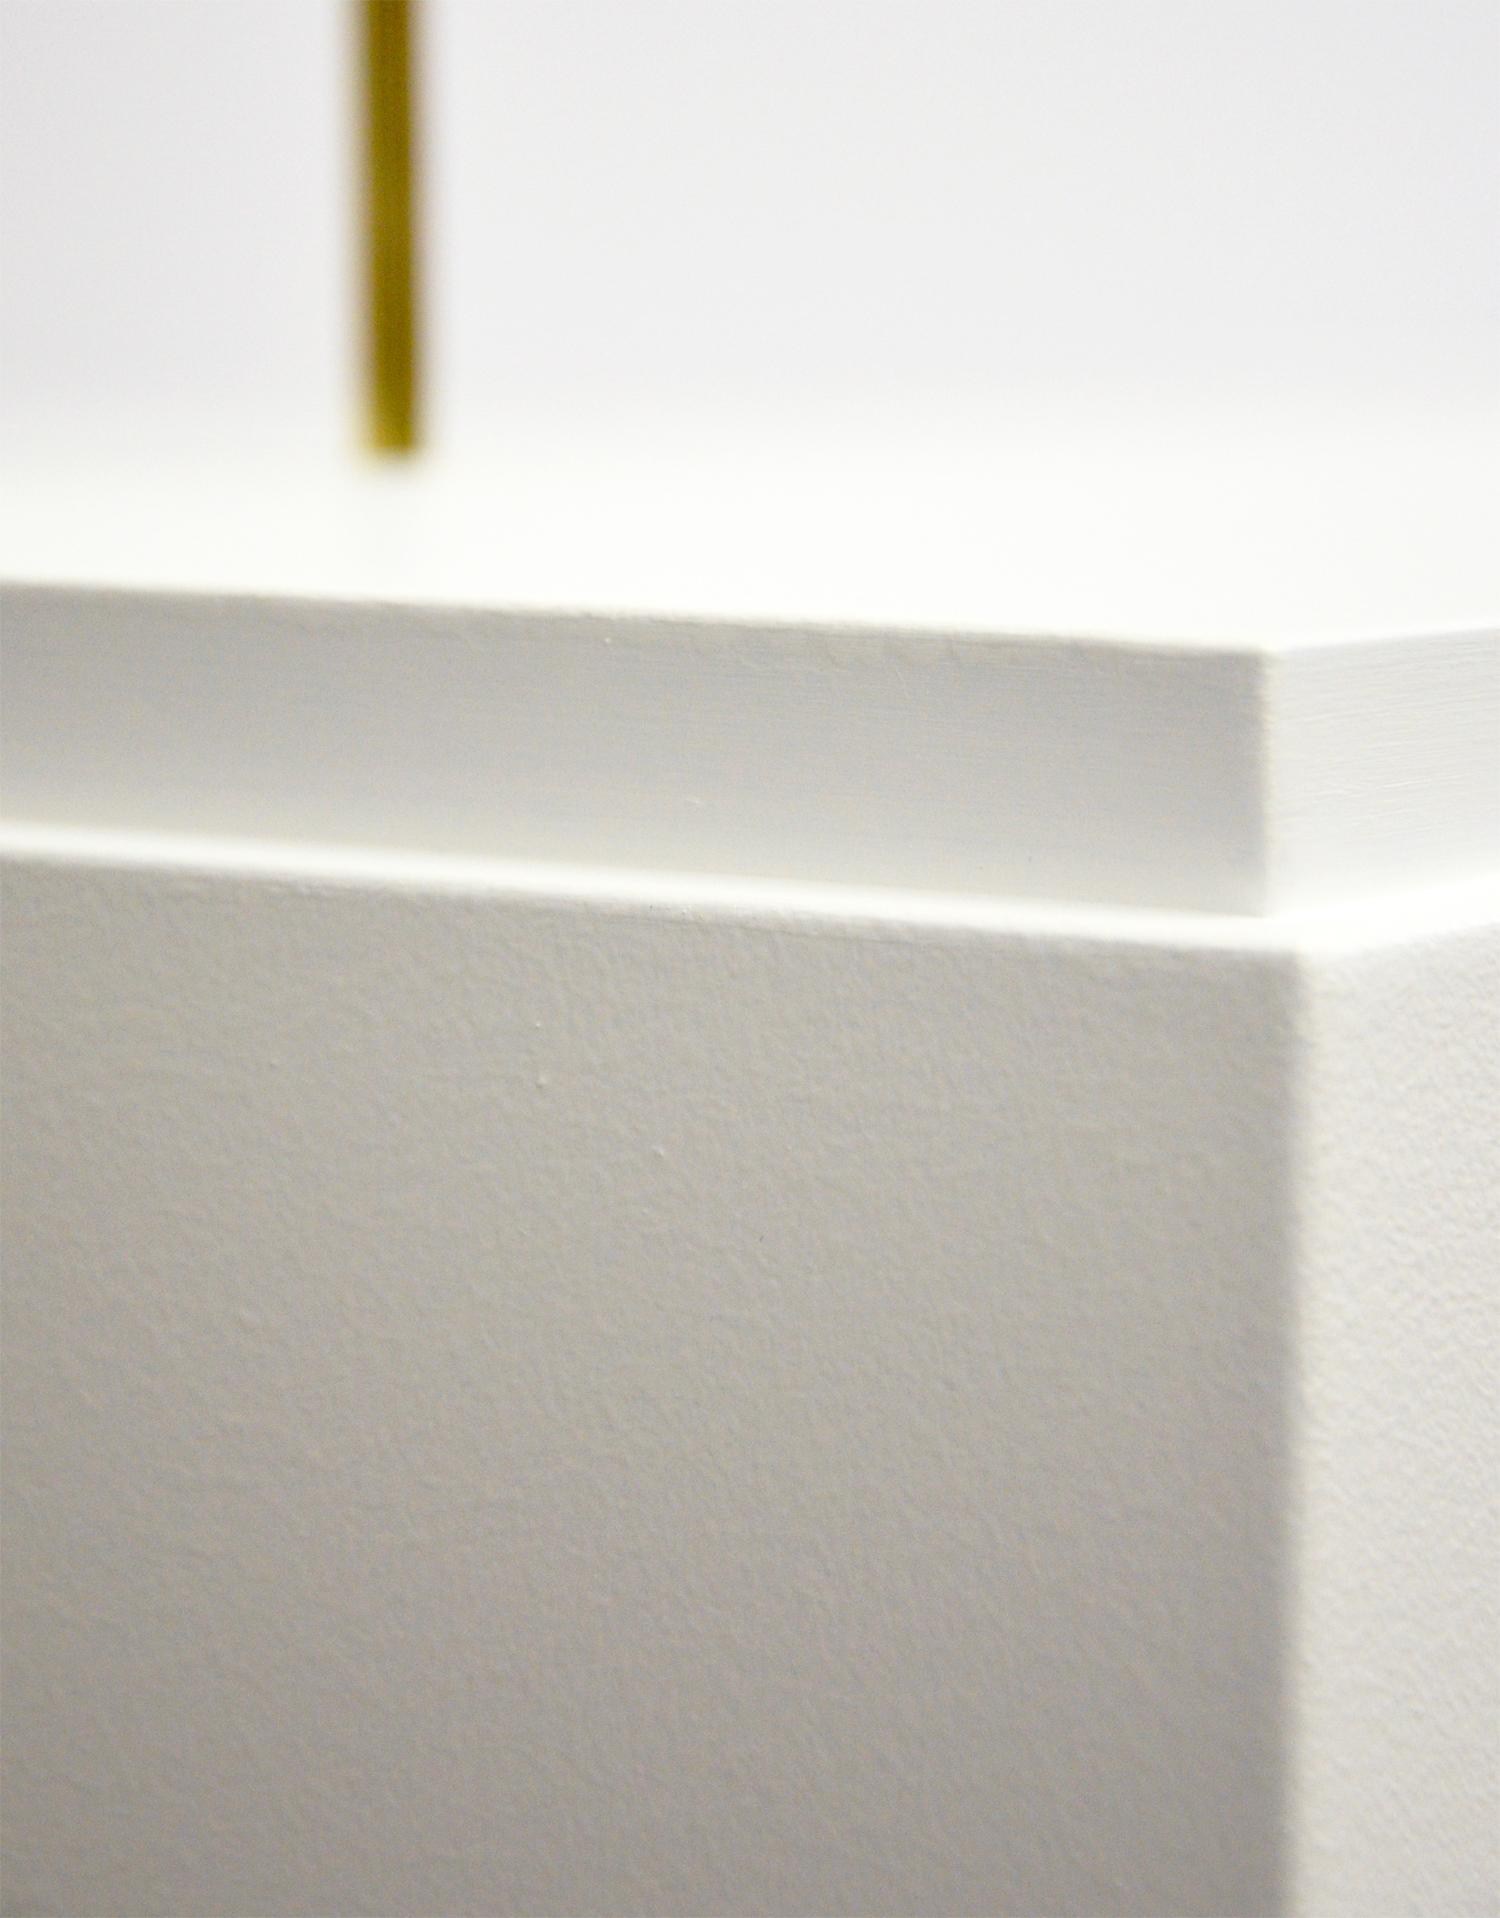 corner detail.jpg